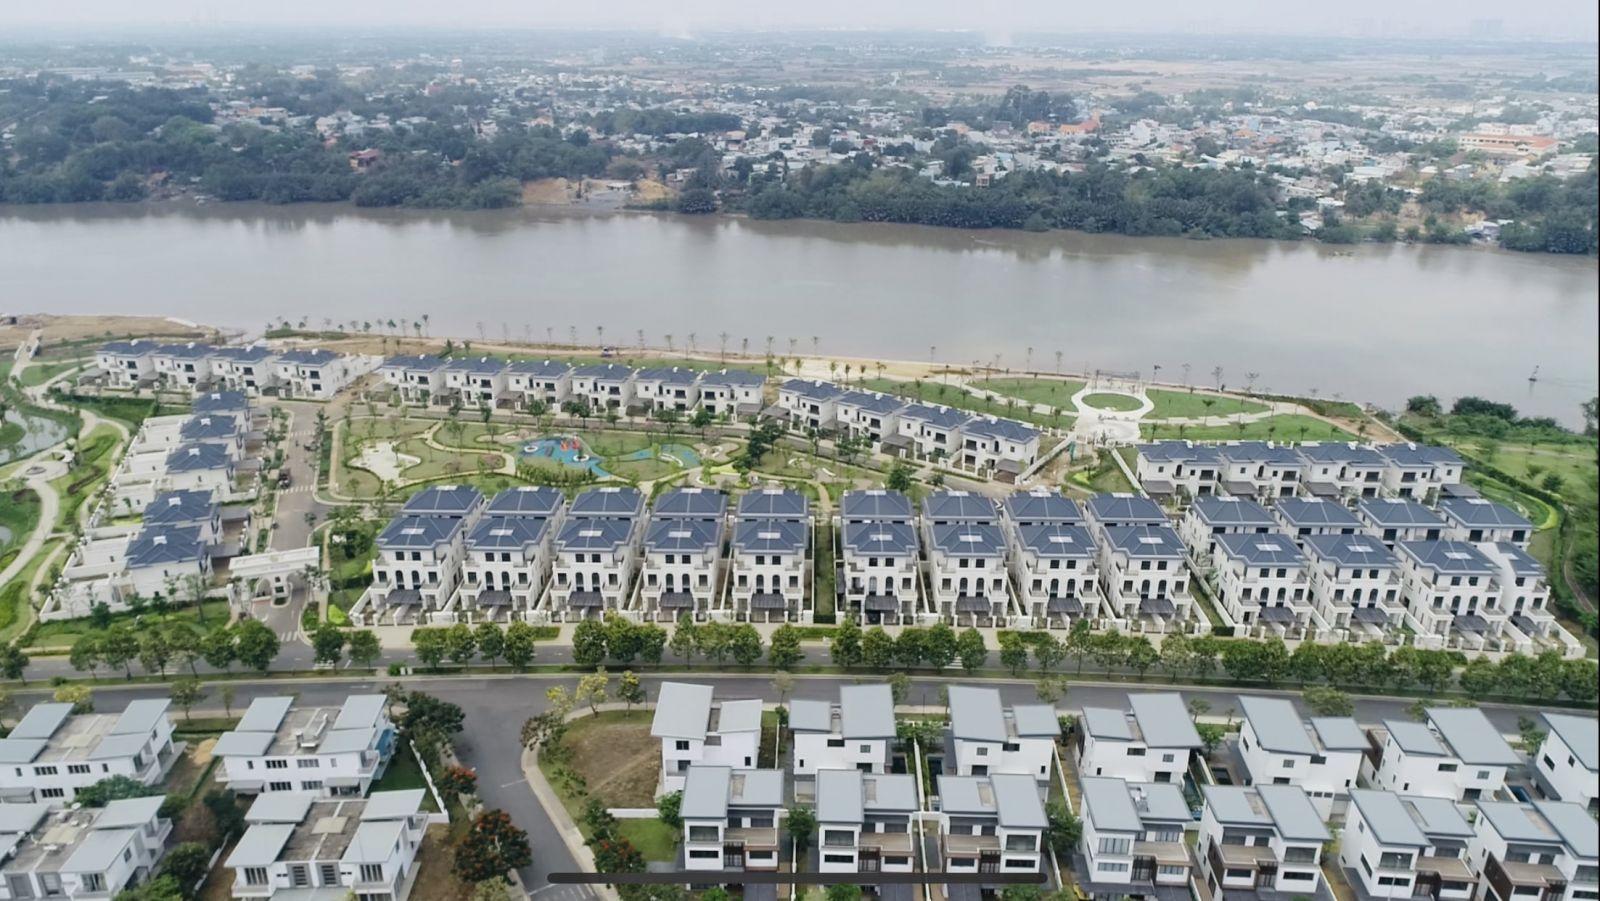 phân khu 4.1 dự án swan bay zone 4 la maison